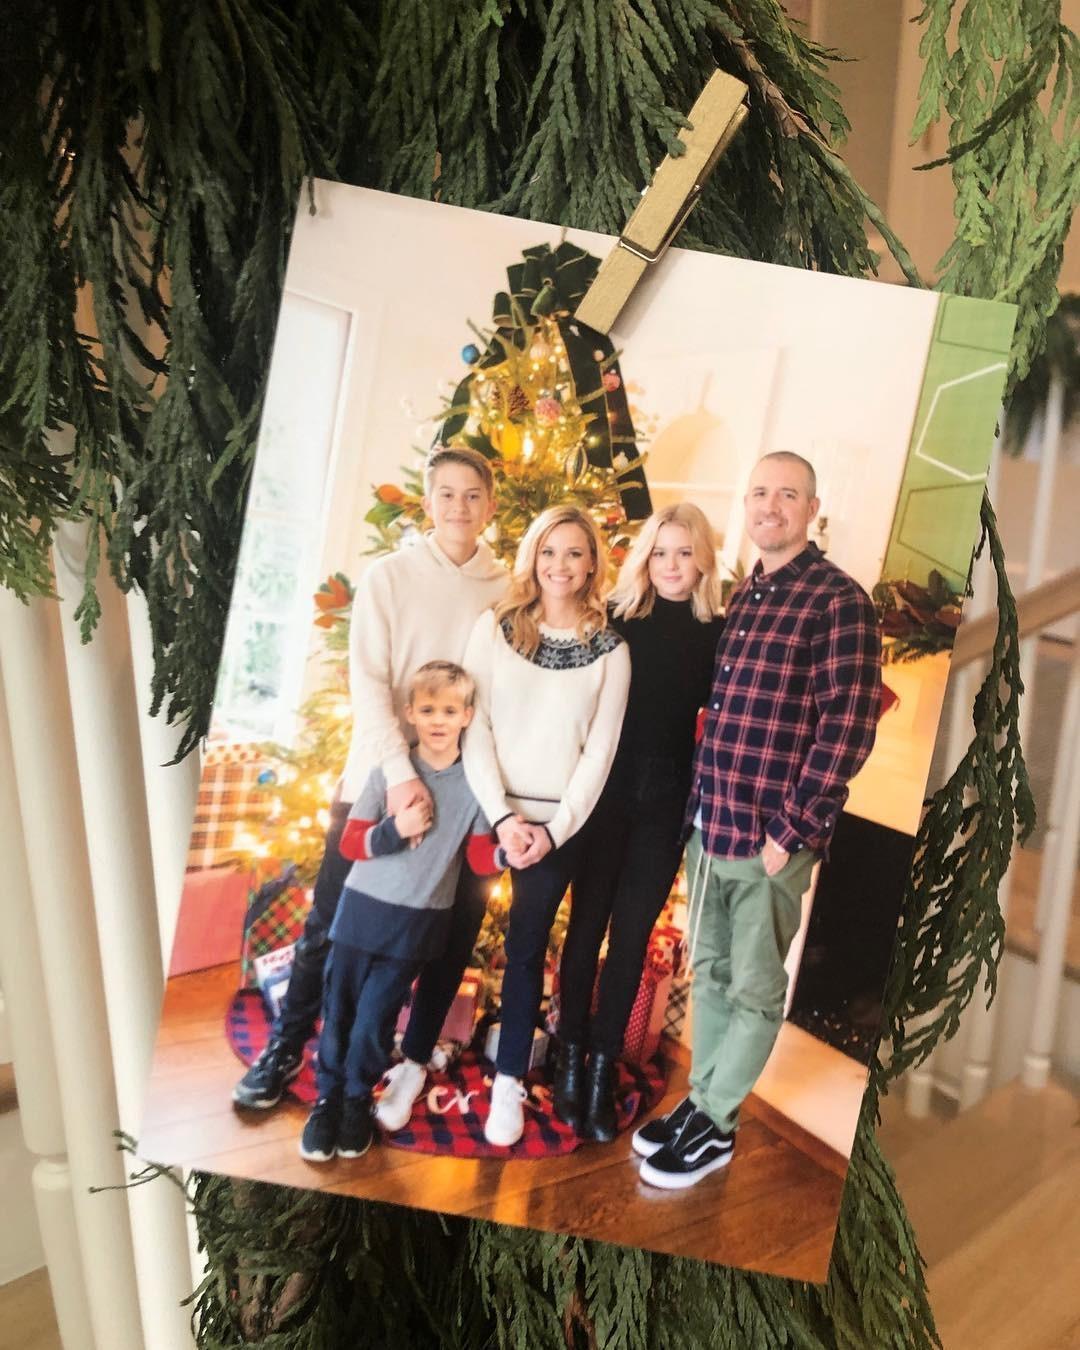 Reese Witherspoon fez clique fofo com a família (Foto: Reprodução/Instagram)